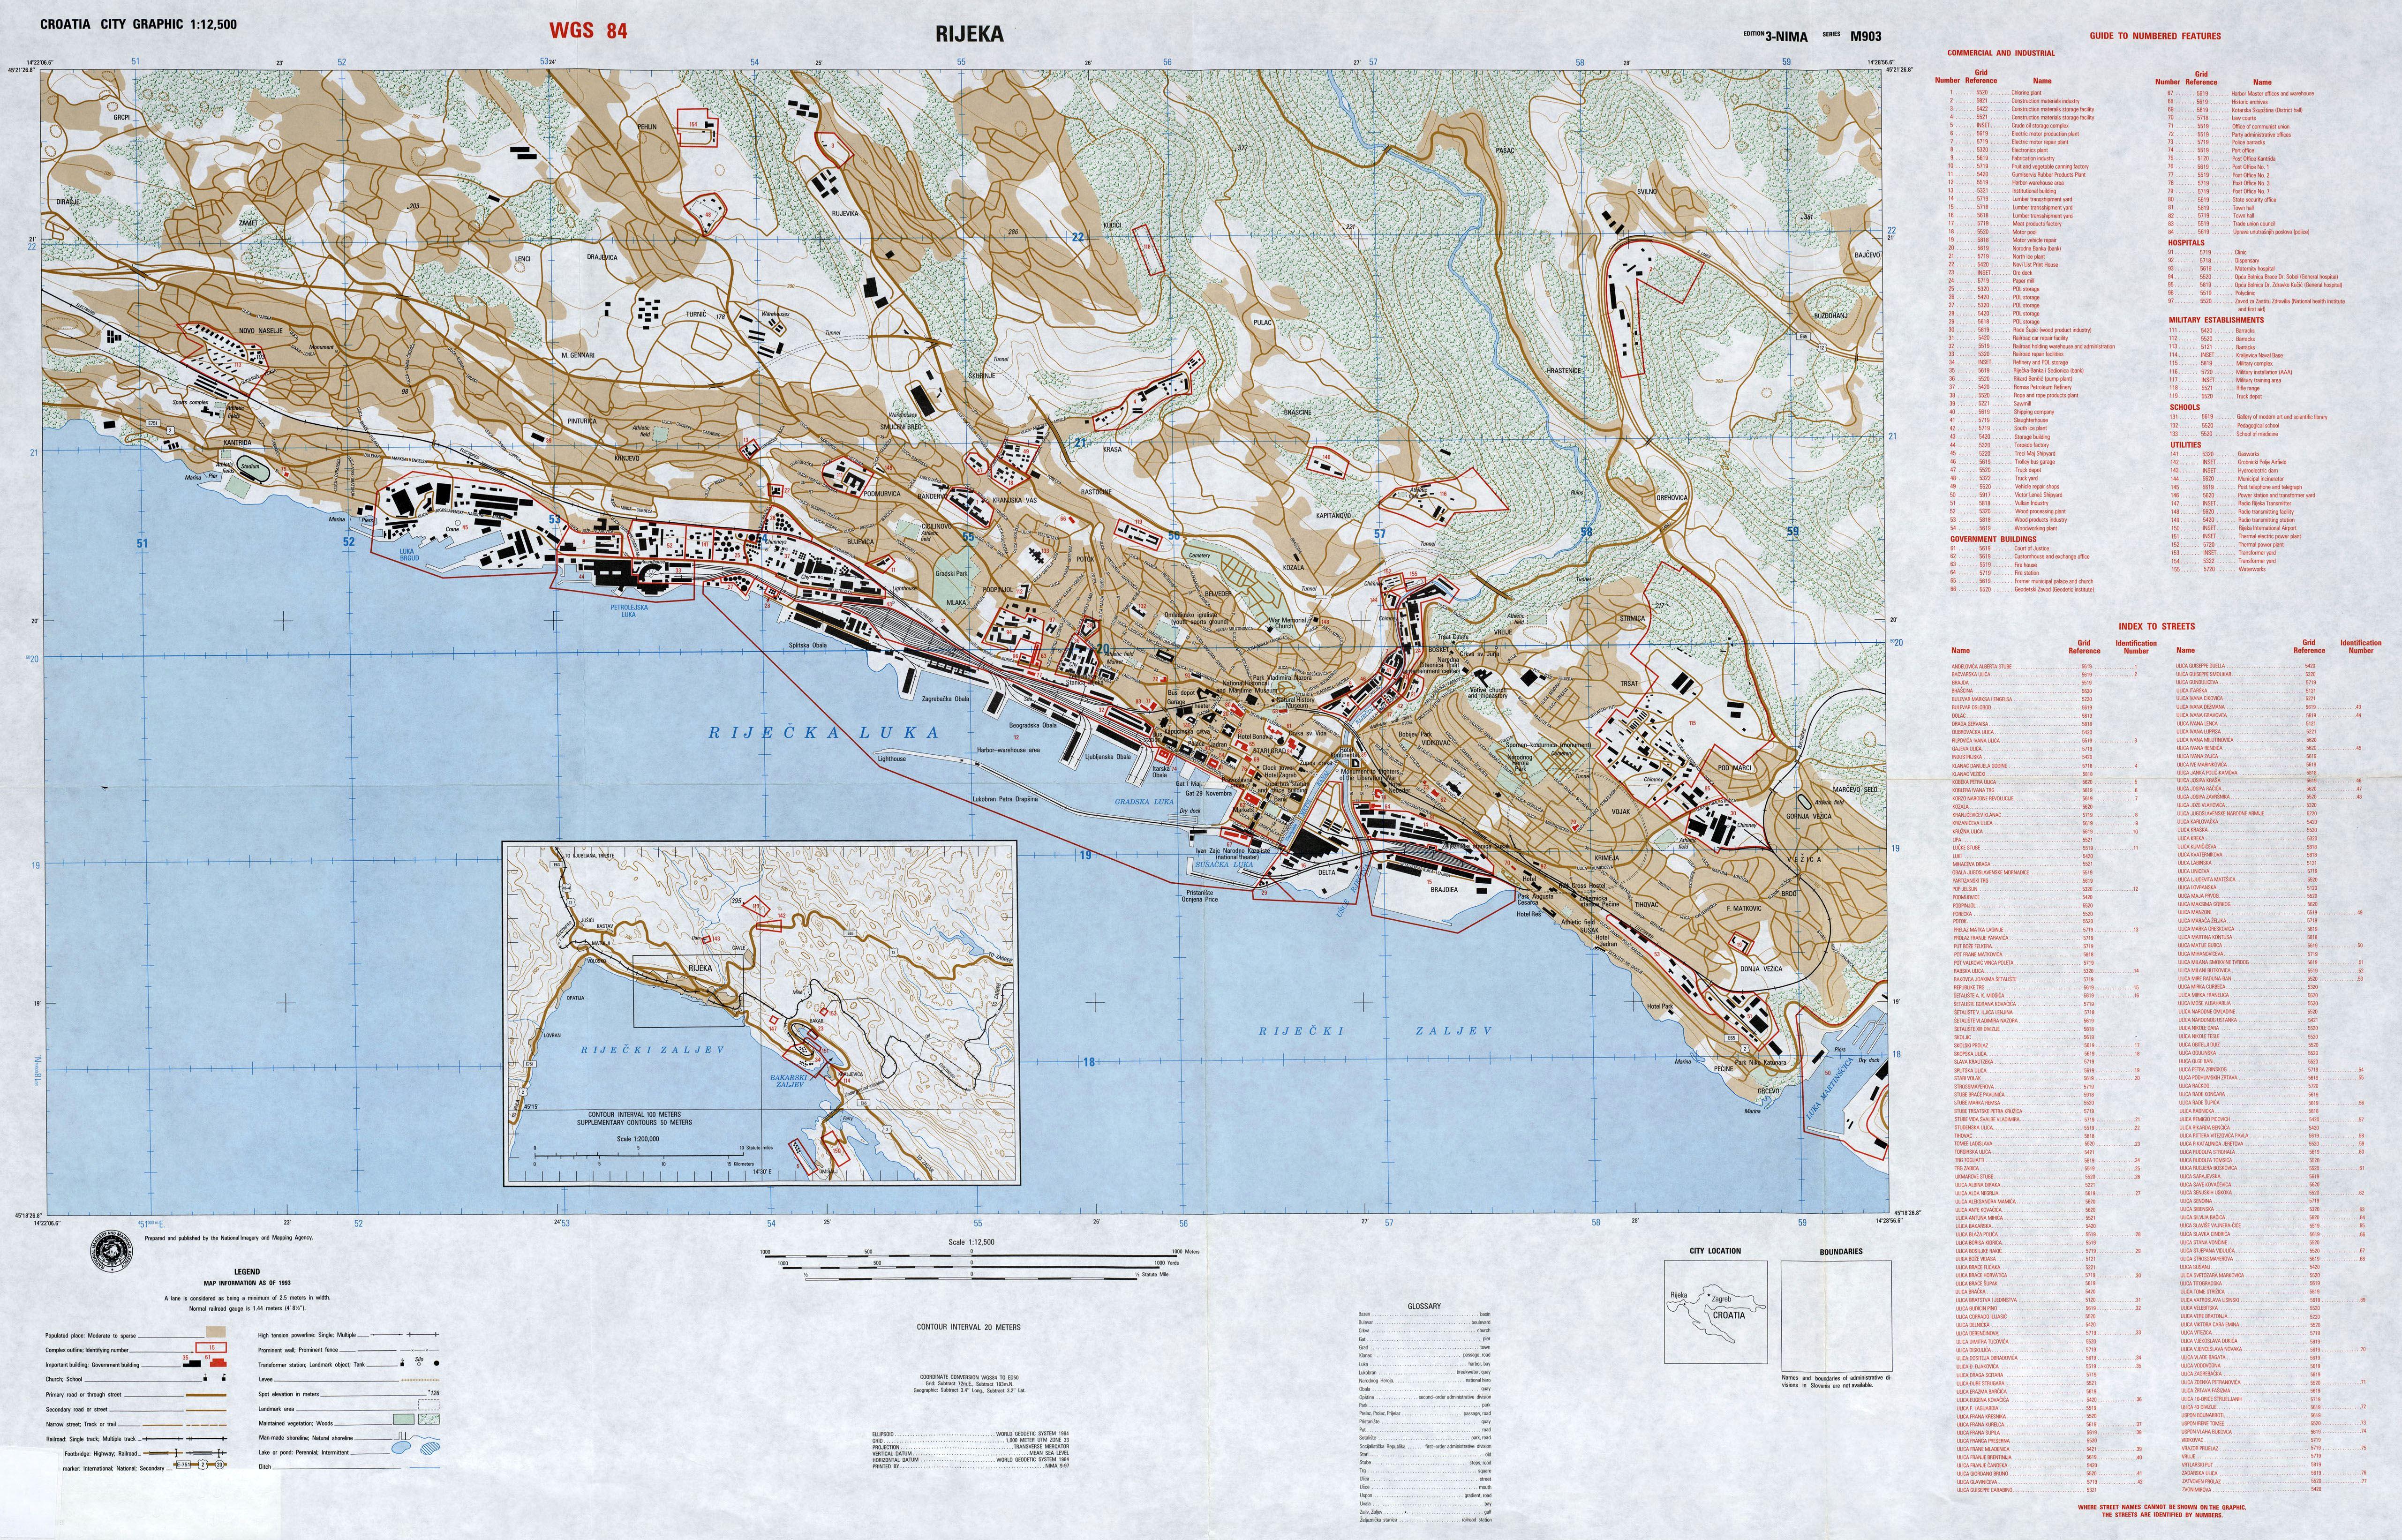 Istrien Karte Zum Ausdrucken.Stadtplan Von Rijeka Detaillierte Gedruckte Karten Von